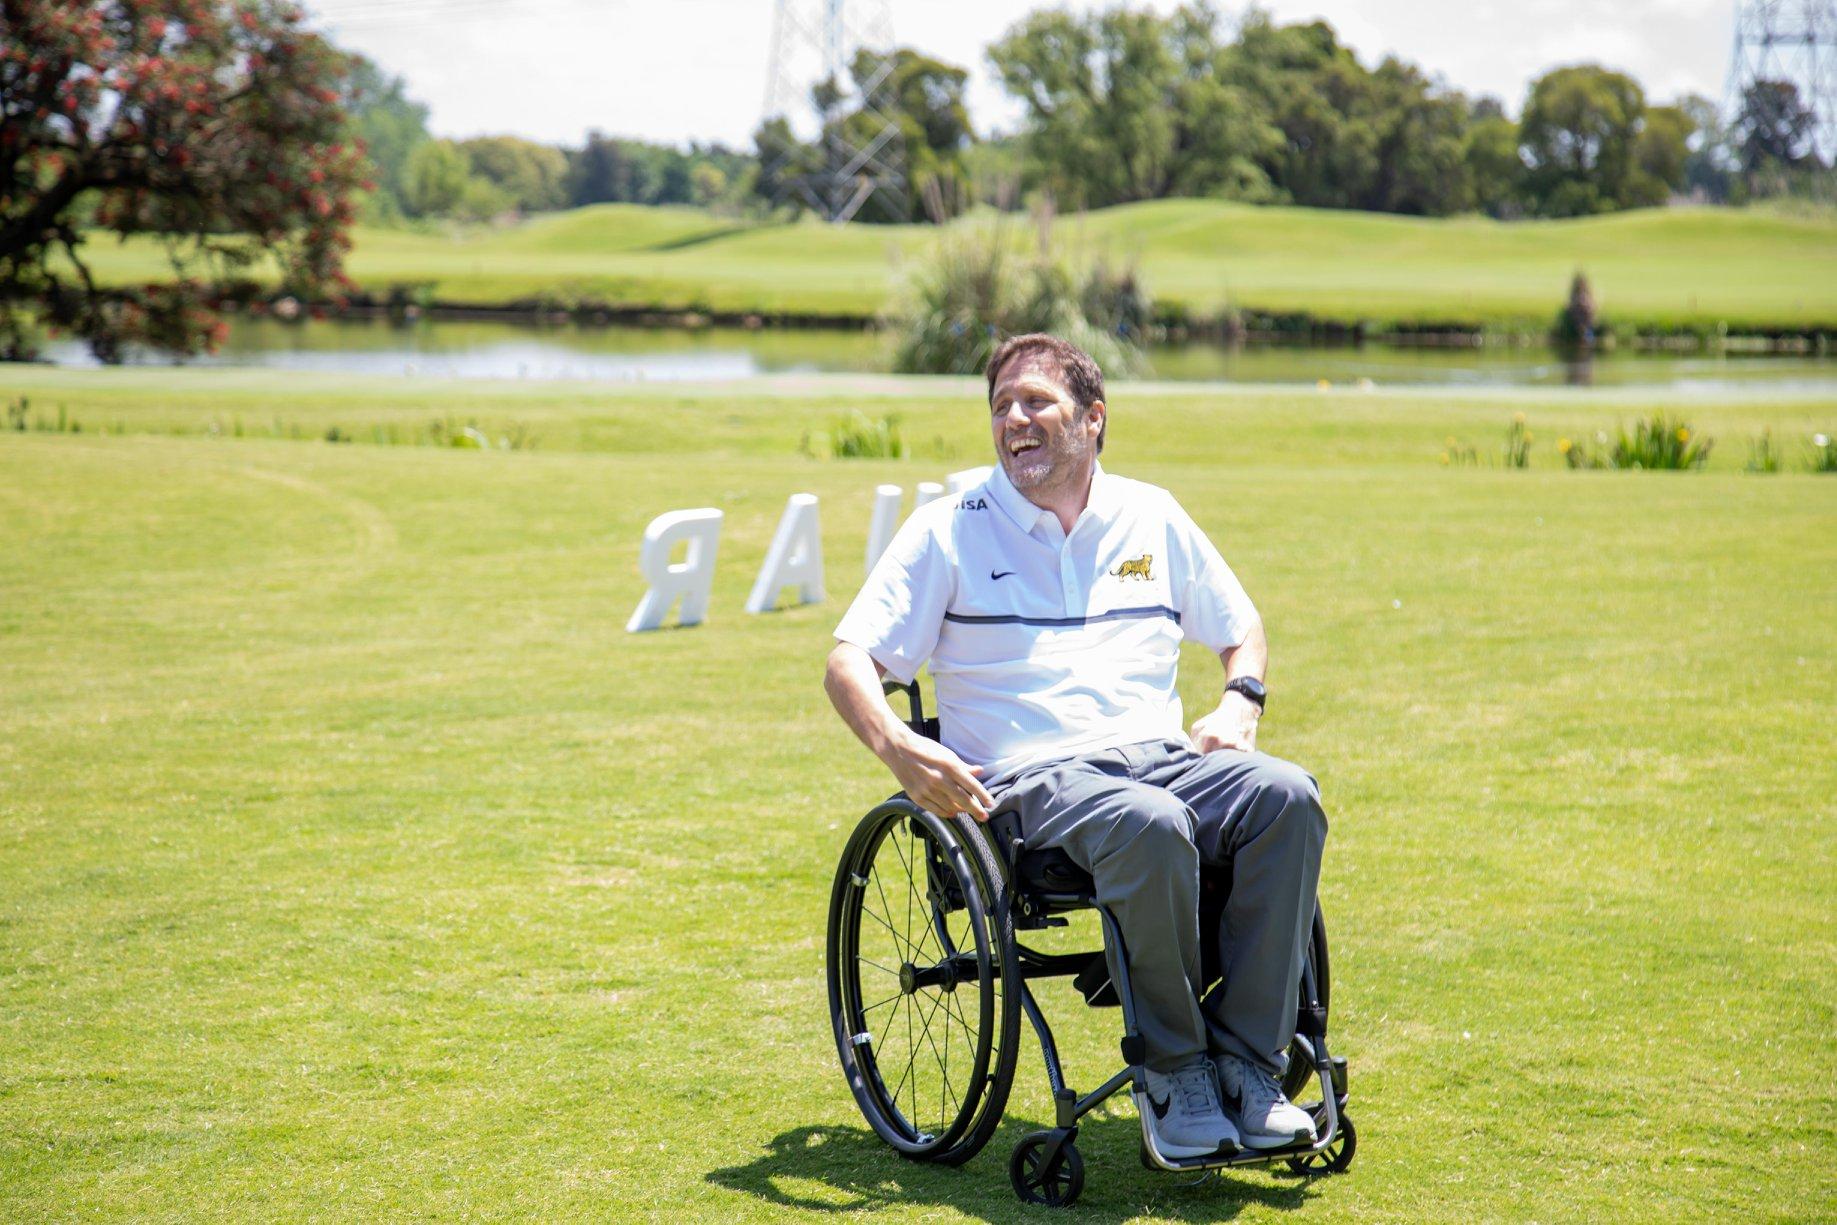 El gerente de la FUAR es Ignacio Rizzi, ex jugador de rugby que sufrió una grave lesión en Francia.